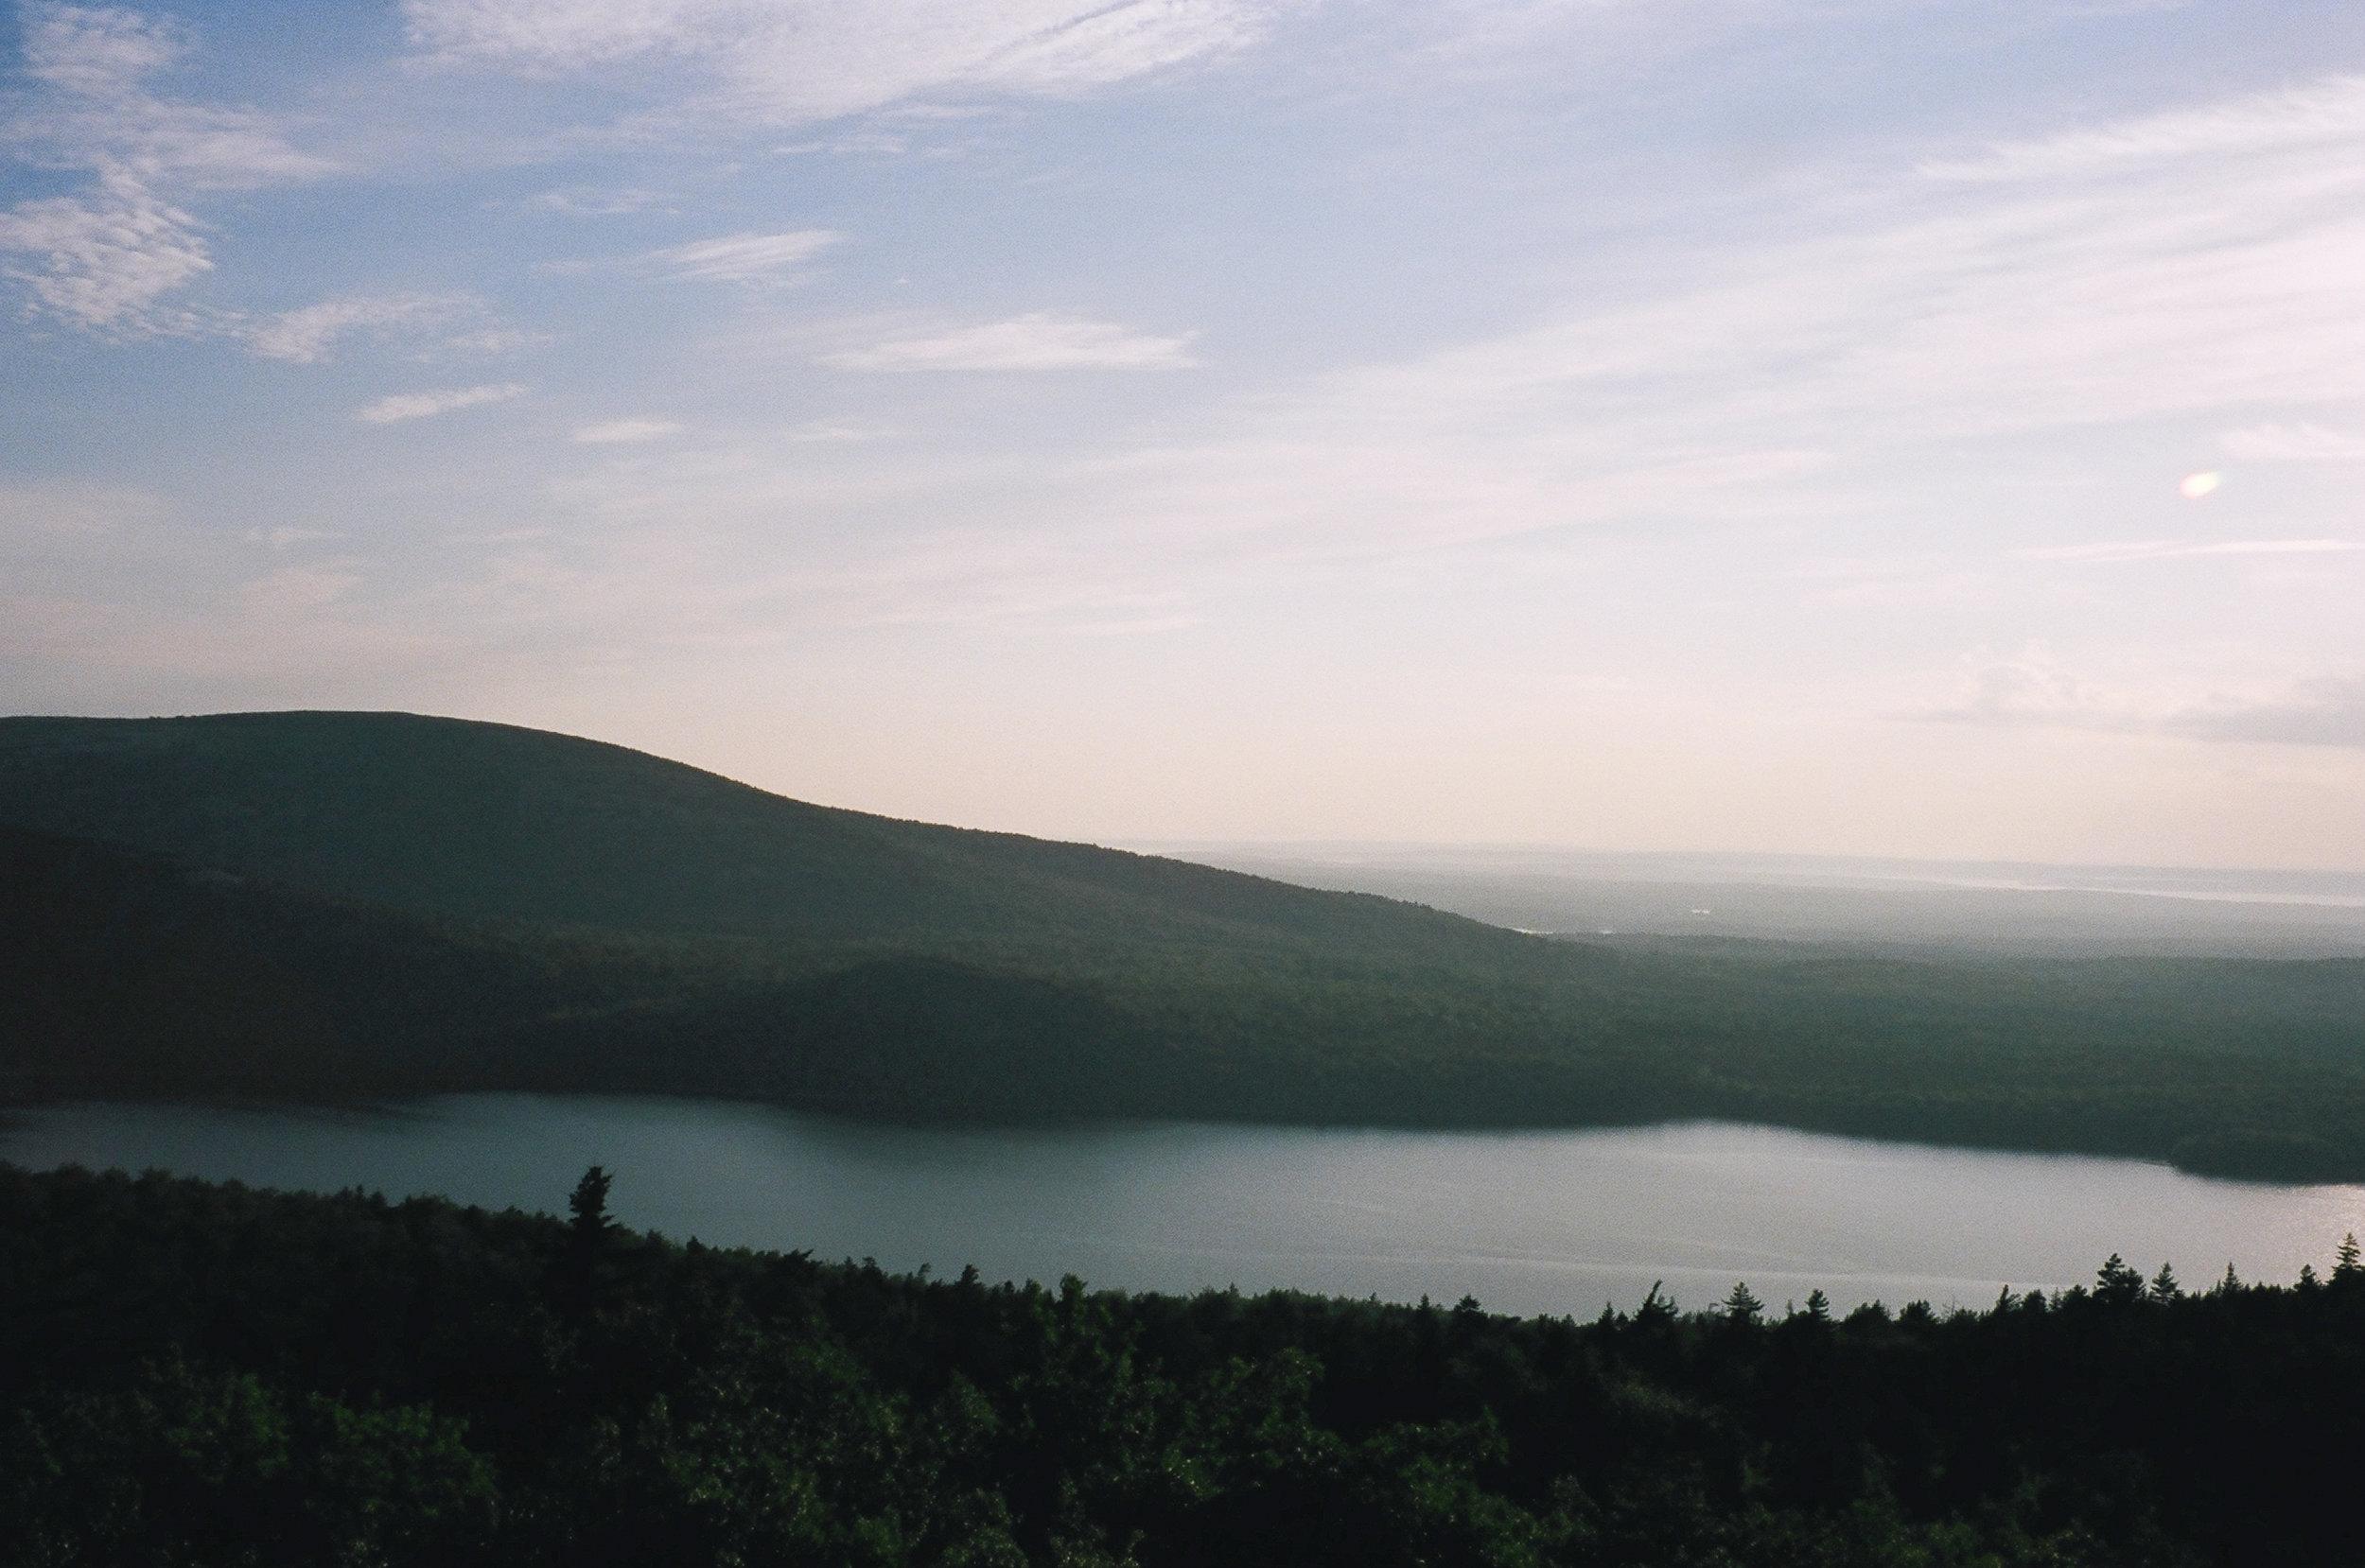 LeicaM6_Portra400-382.jpg